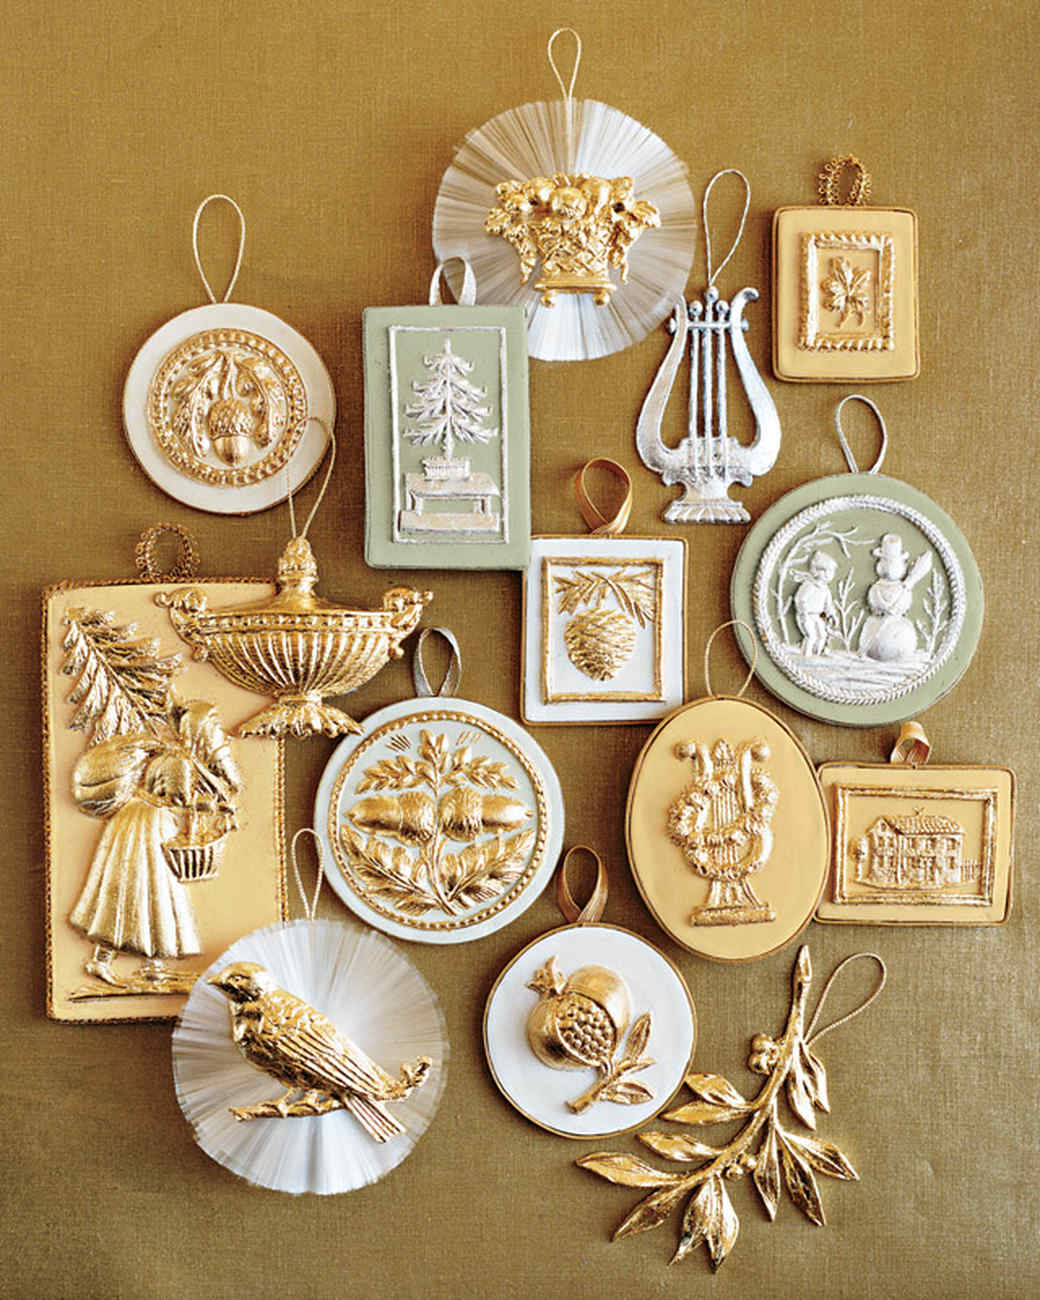 DIY Christmas Ornament Projects | Martha Stewart